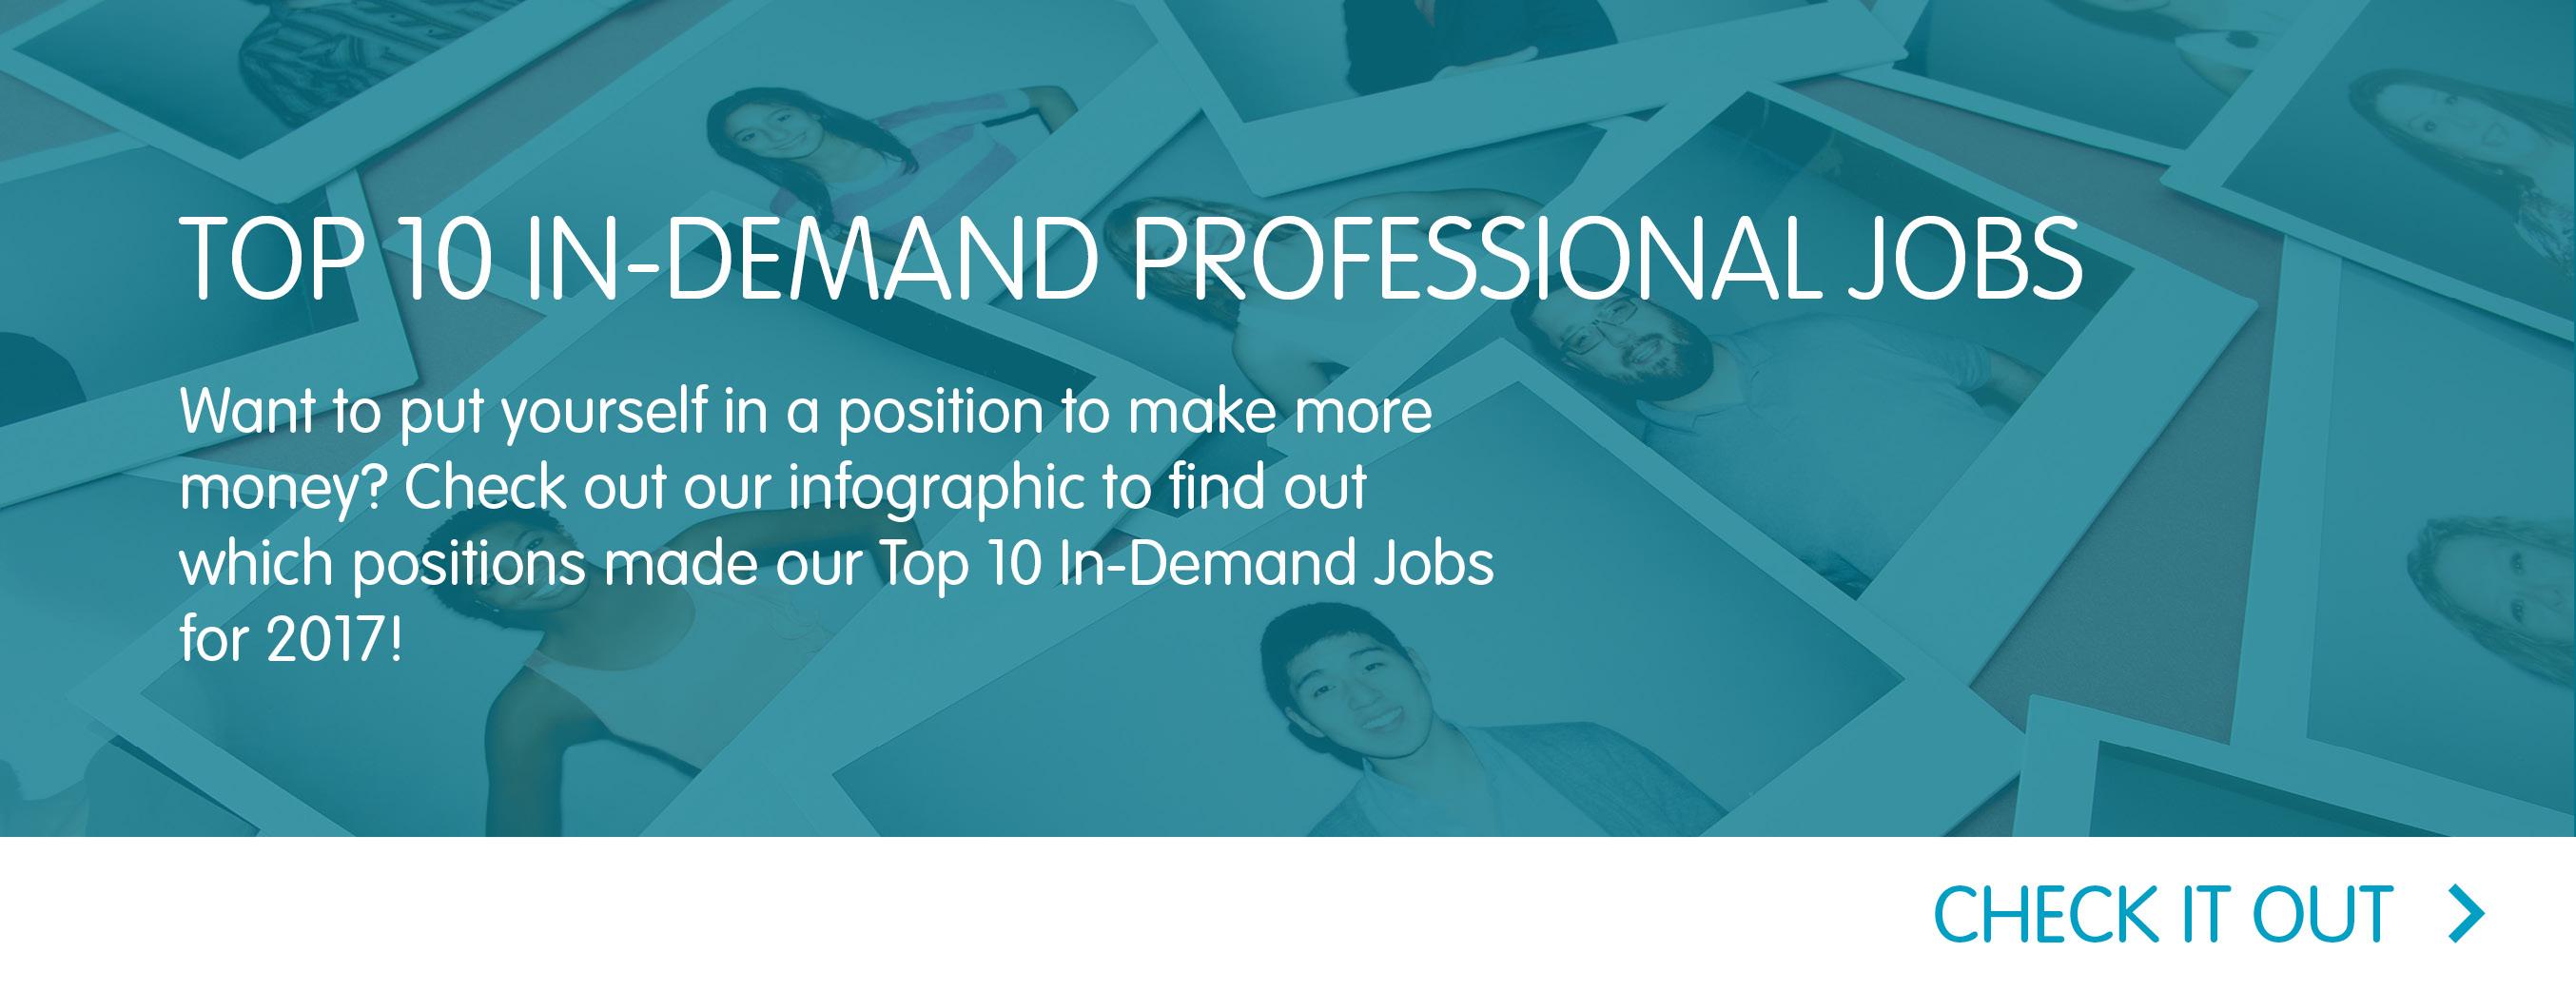 Top 10 In-Demand Professional Jobs